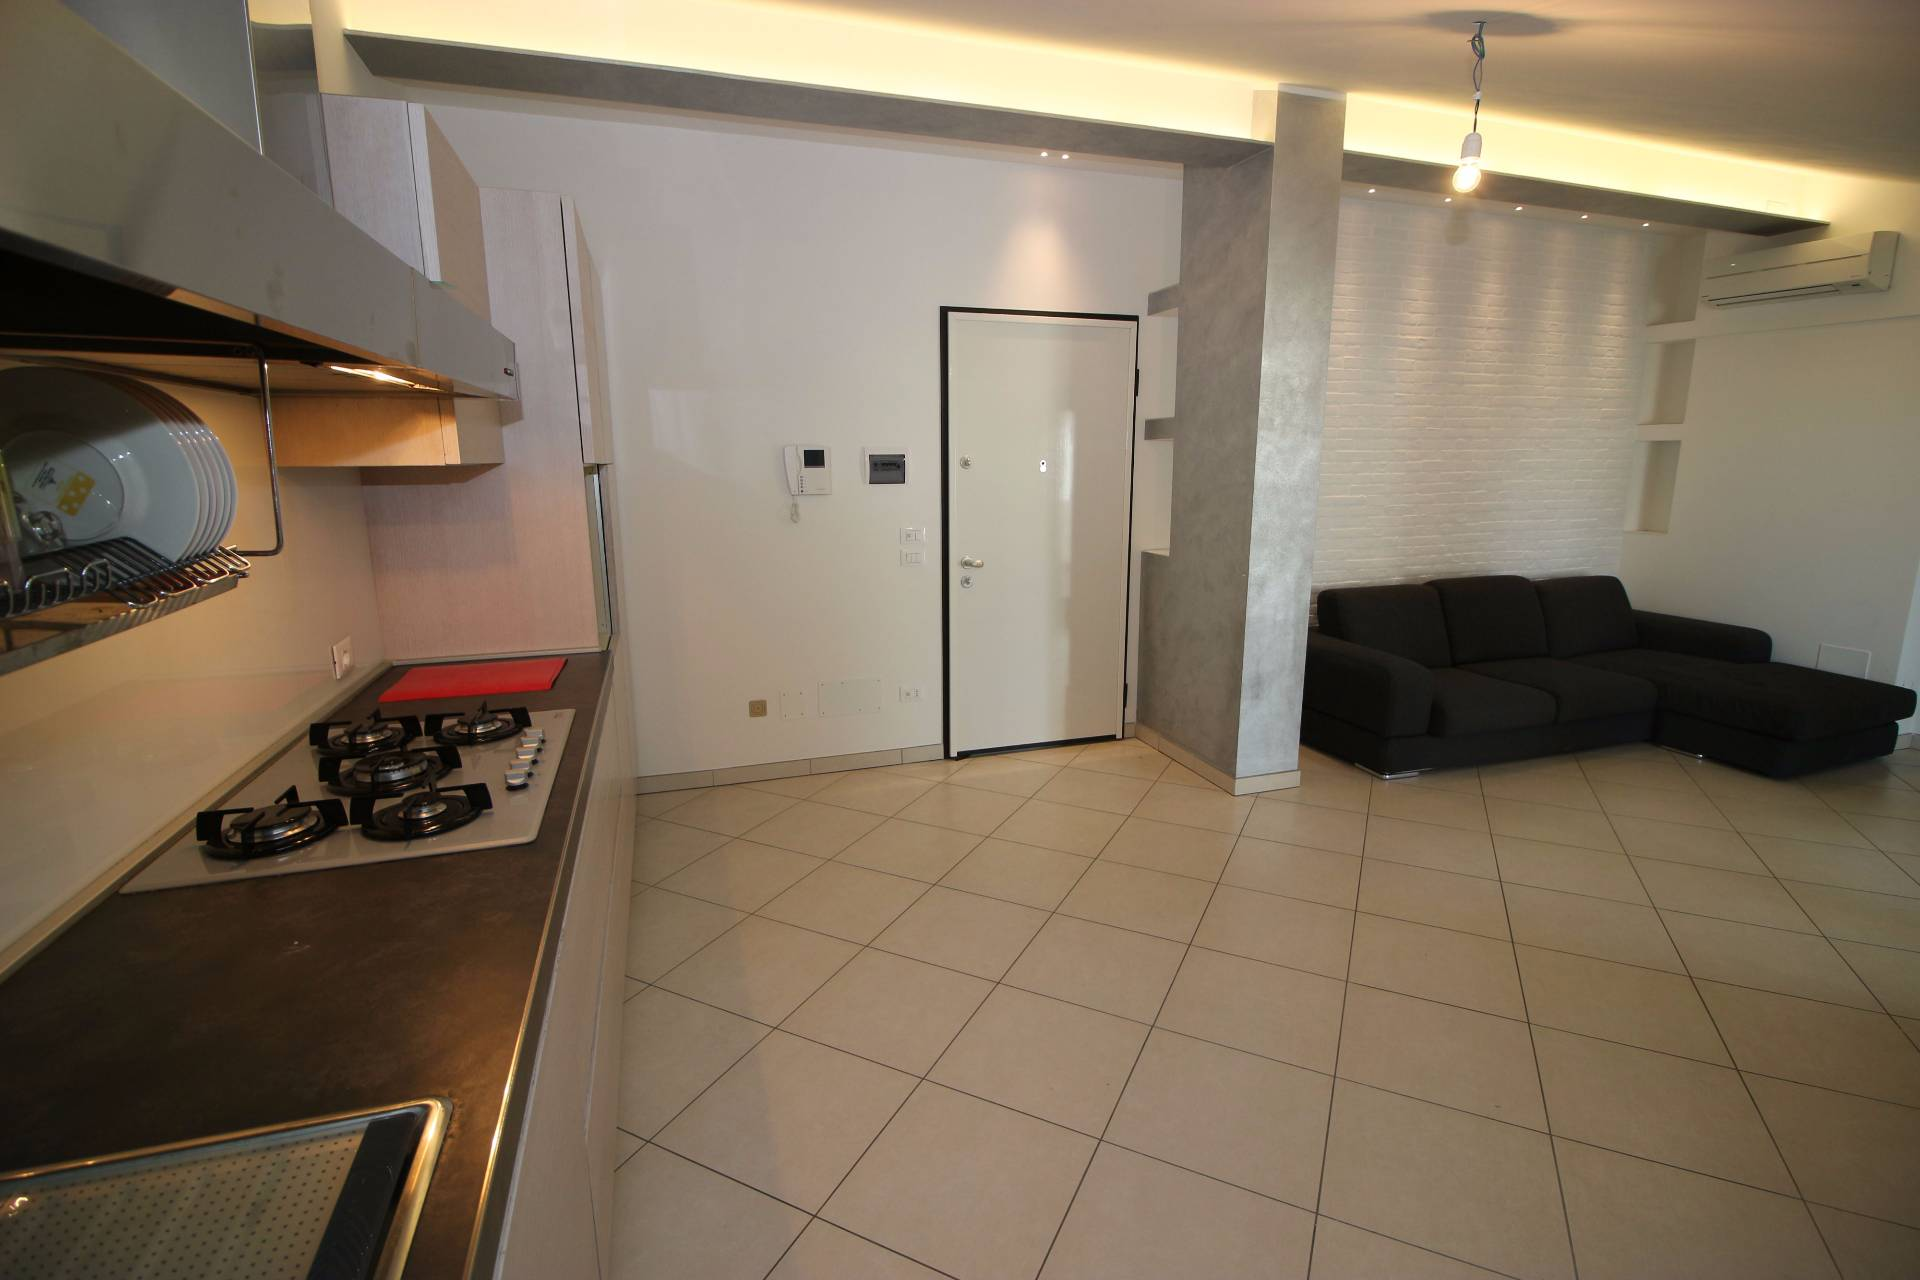 Appartamento in vendita a Tortoreto, 4 locali, zona Località: ZonaMare, prezzo € 150.000 | Cambio Casa.it